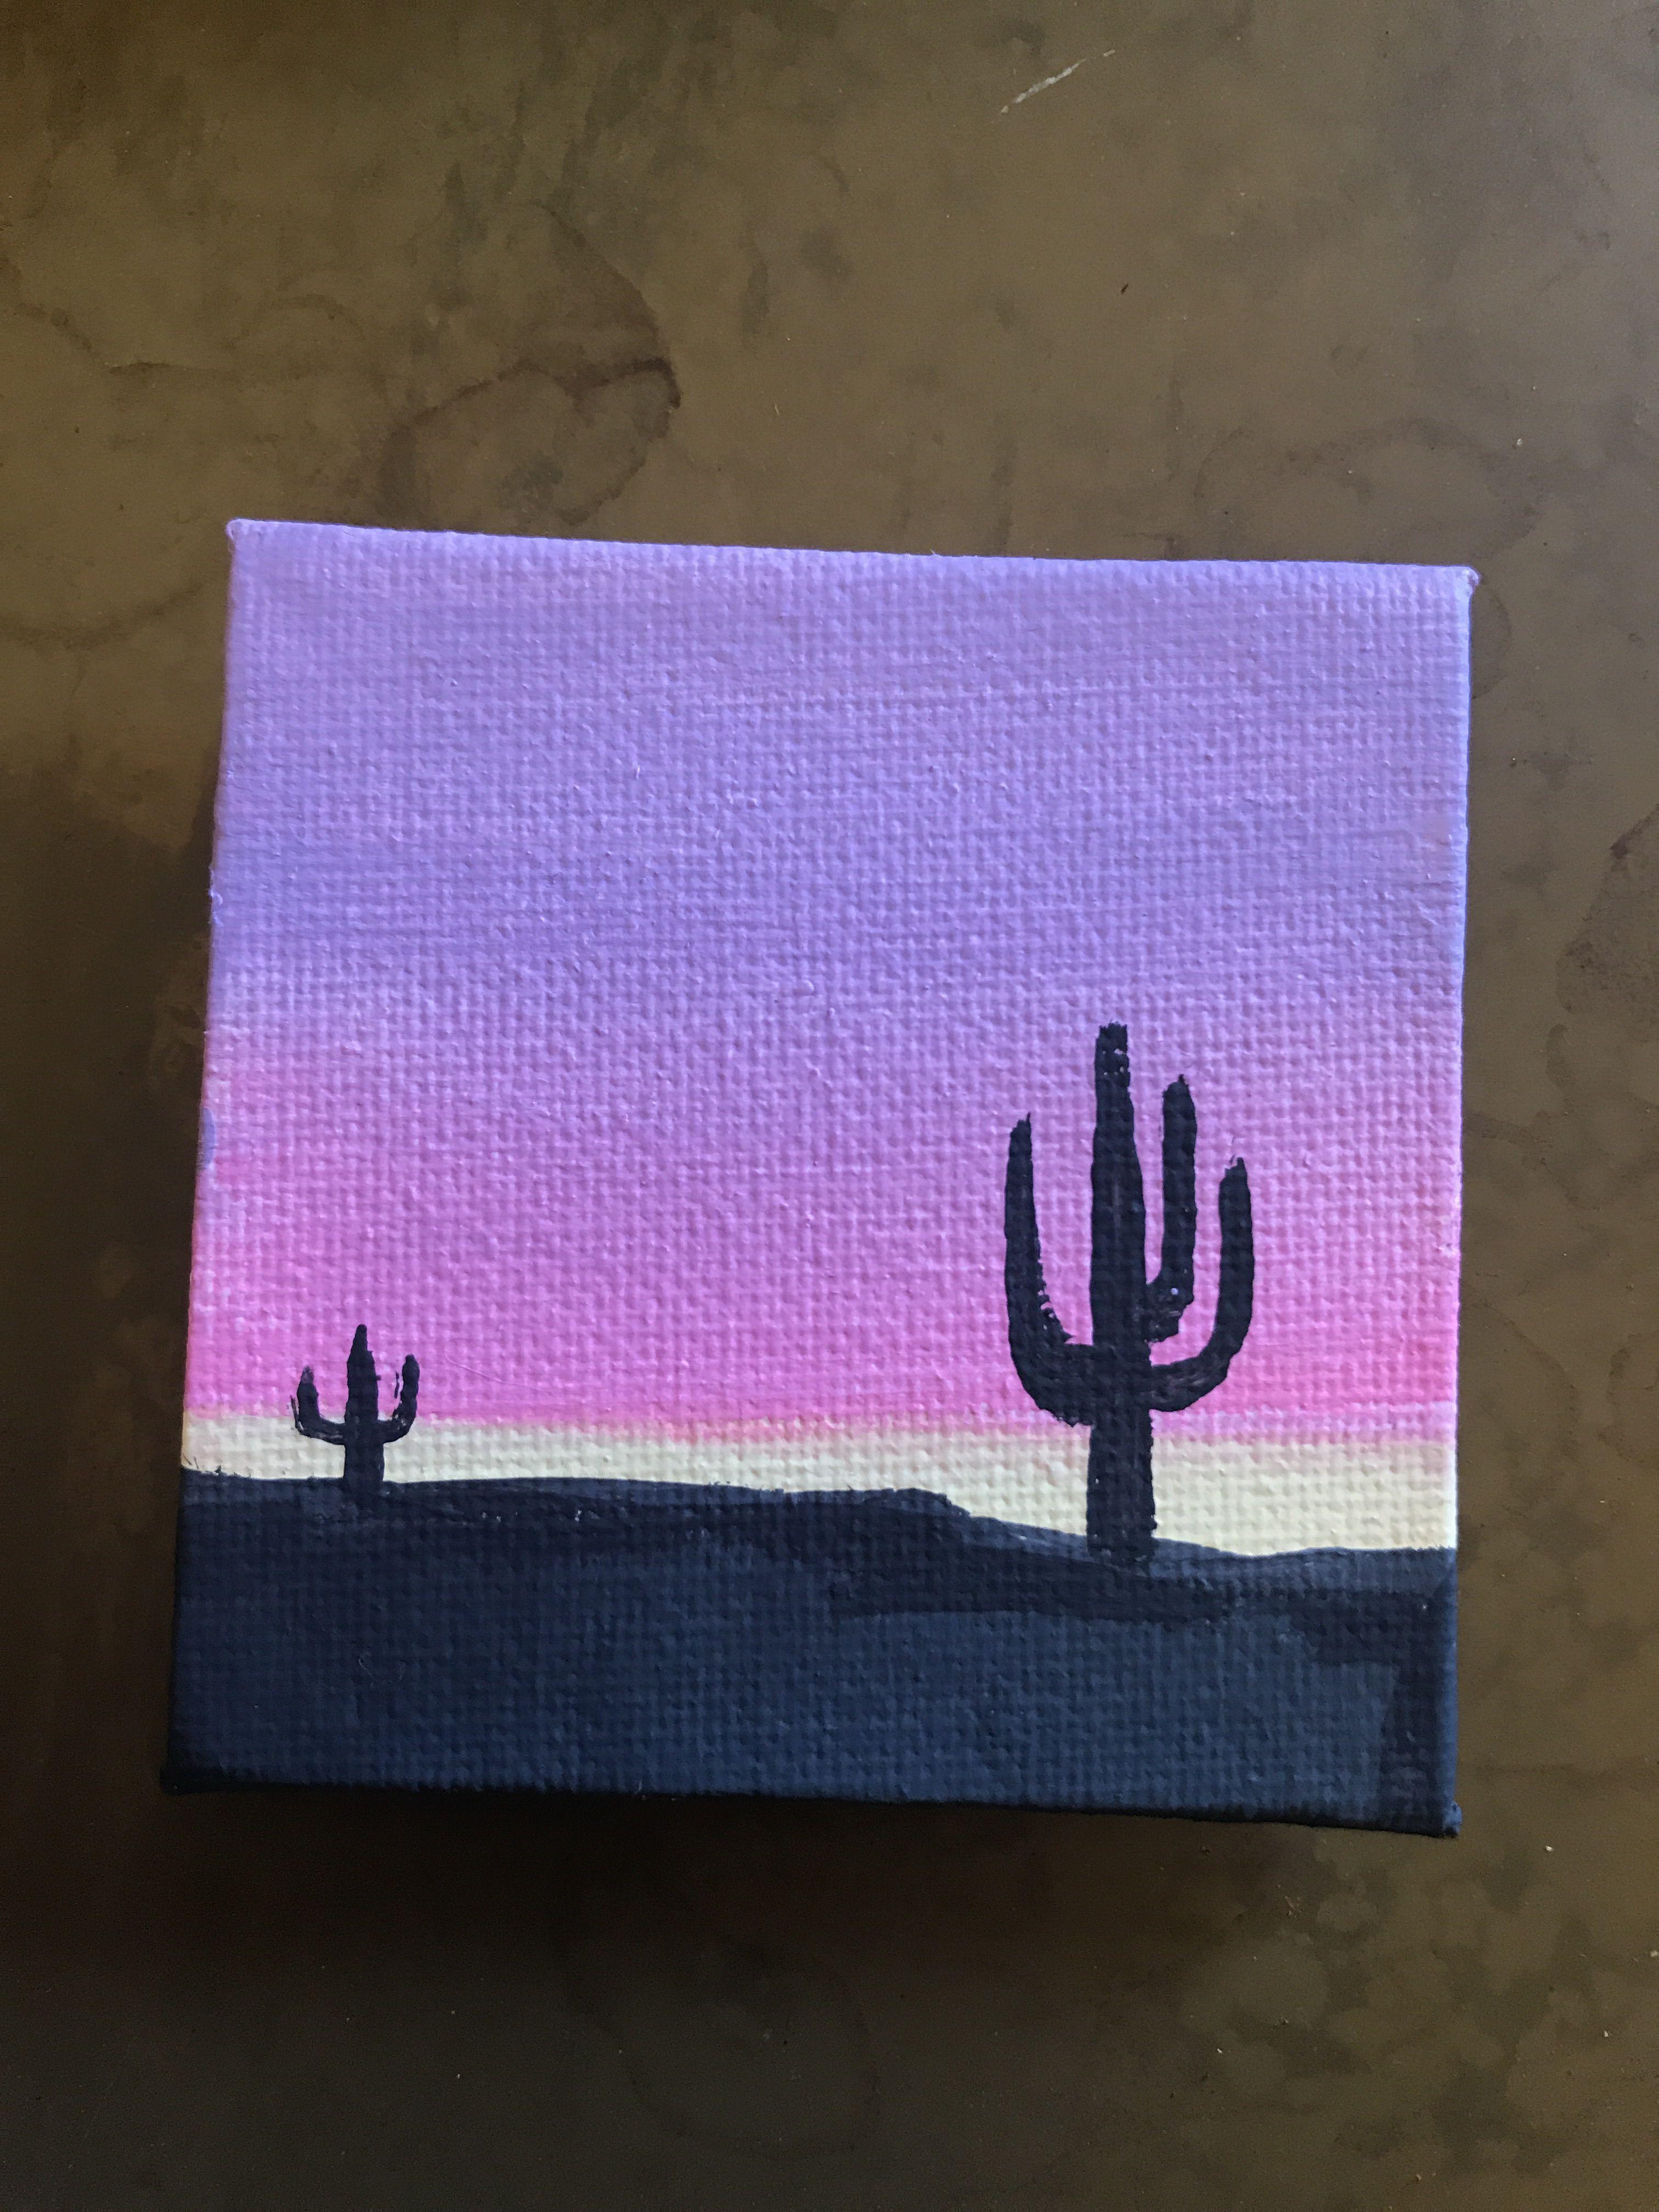 Mini Canvas Cactus Sunset Painting Cactus Canvas Mini Painting Sunset Cactus Canv In 2020 Mini Canvas Art Canvas Art Painting Simple Canvas Paintings